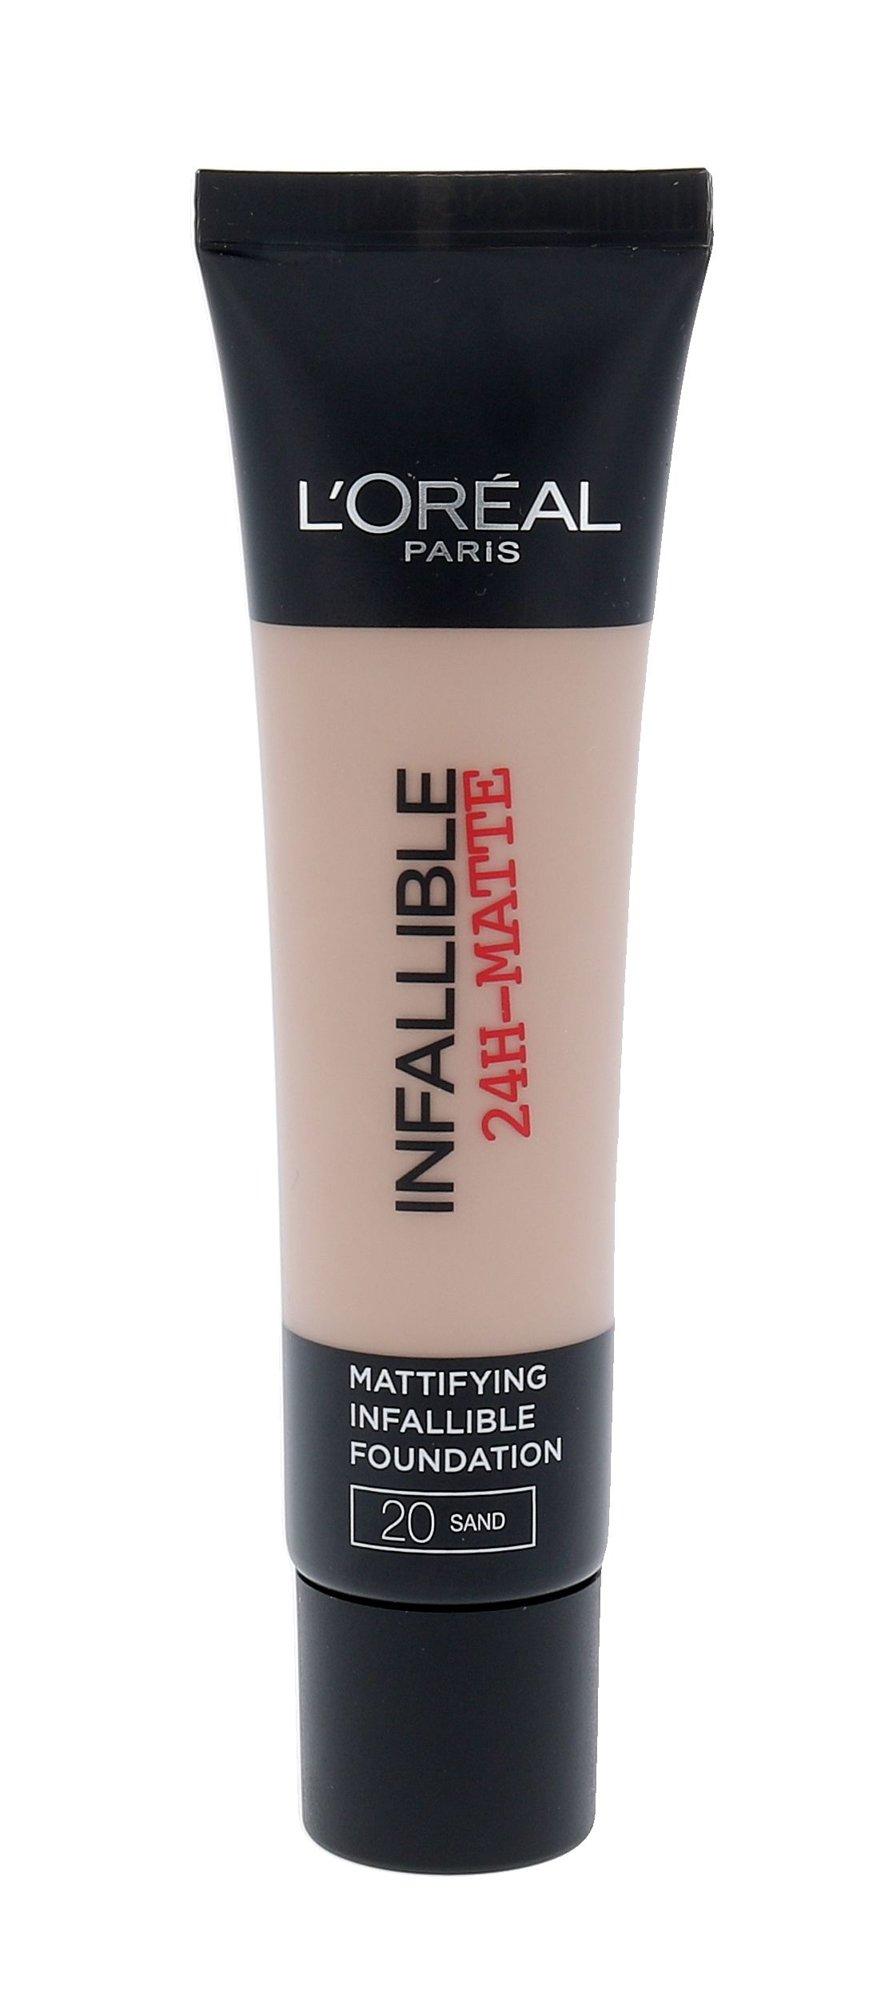 L´Oréal Paris Infallible Cosmetic 35ml 20 Sand